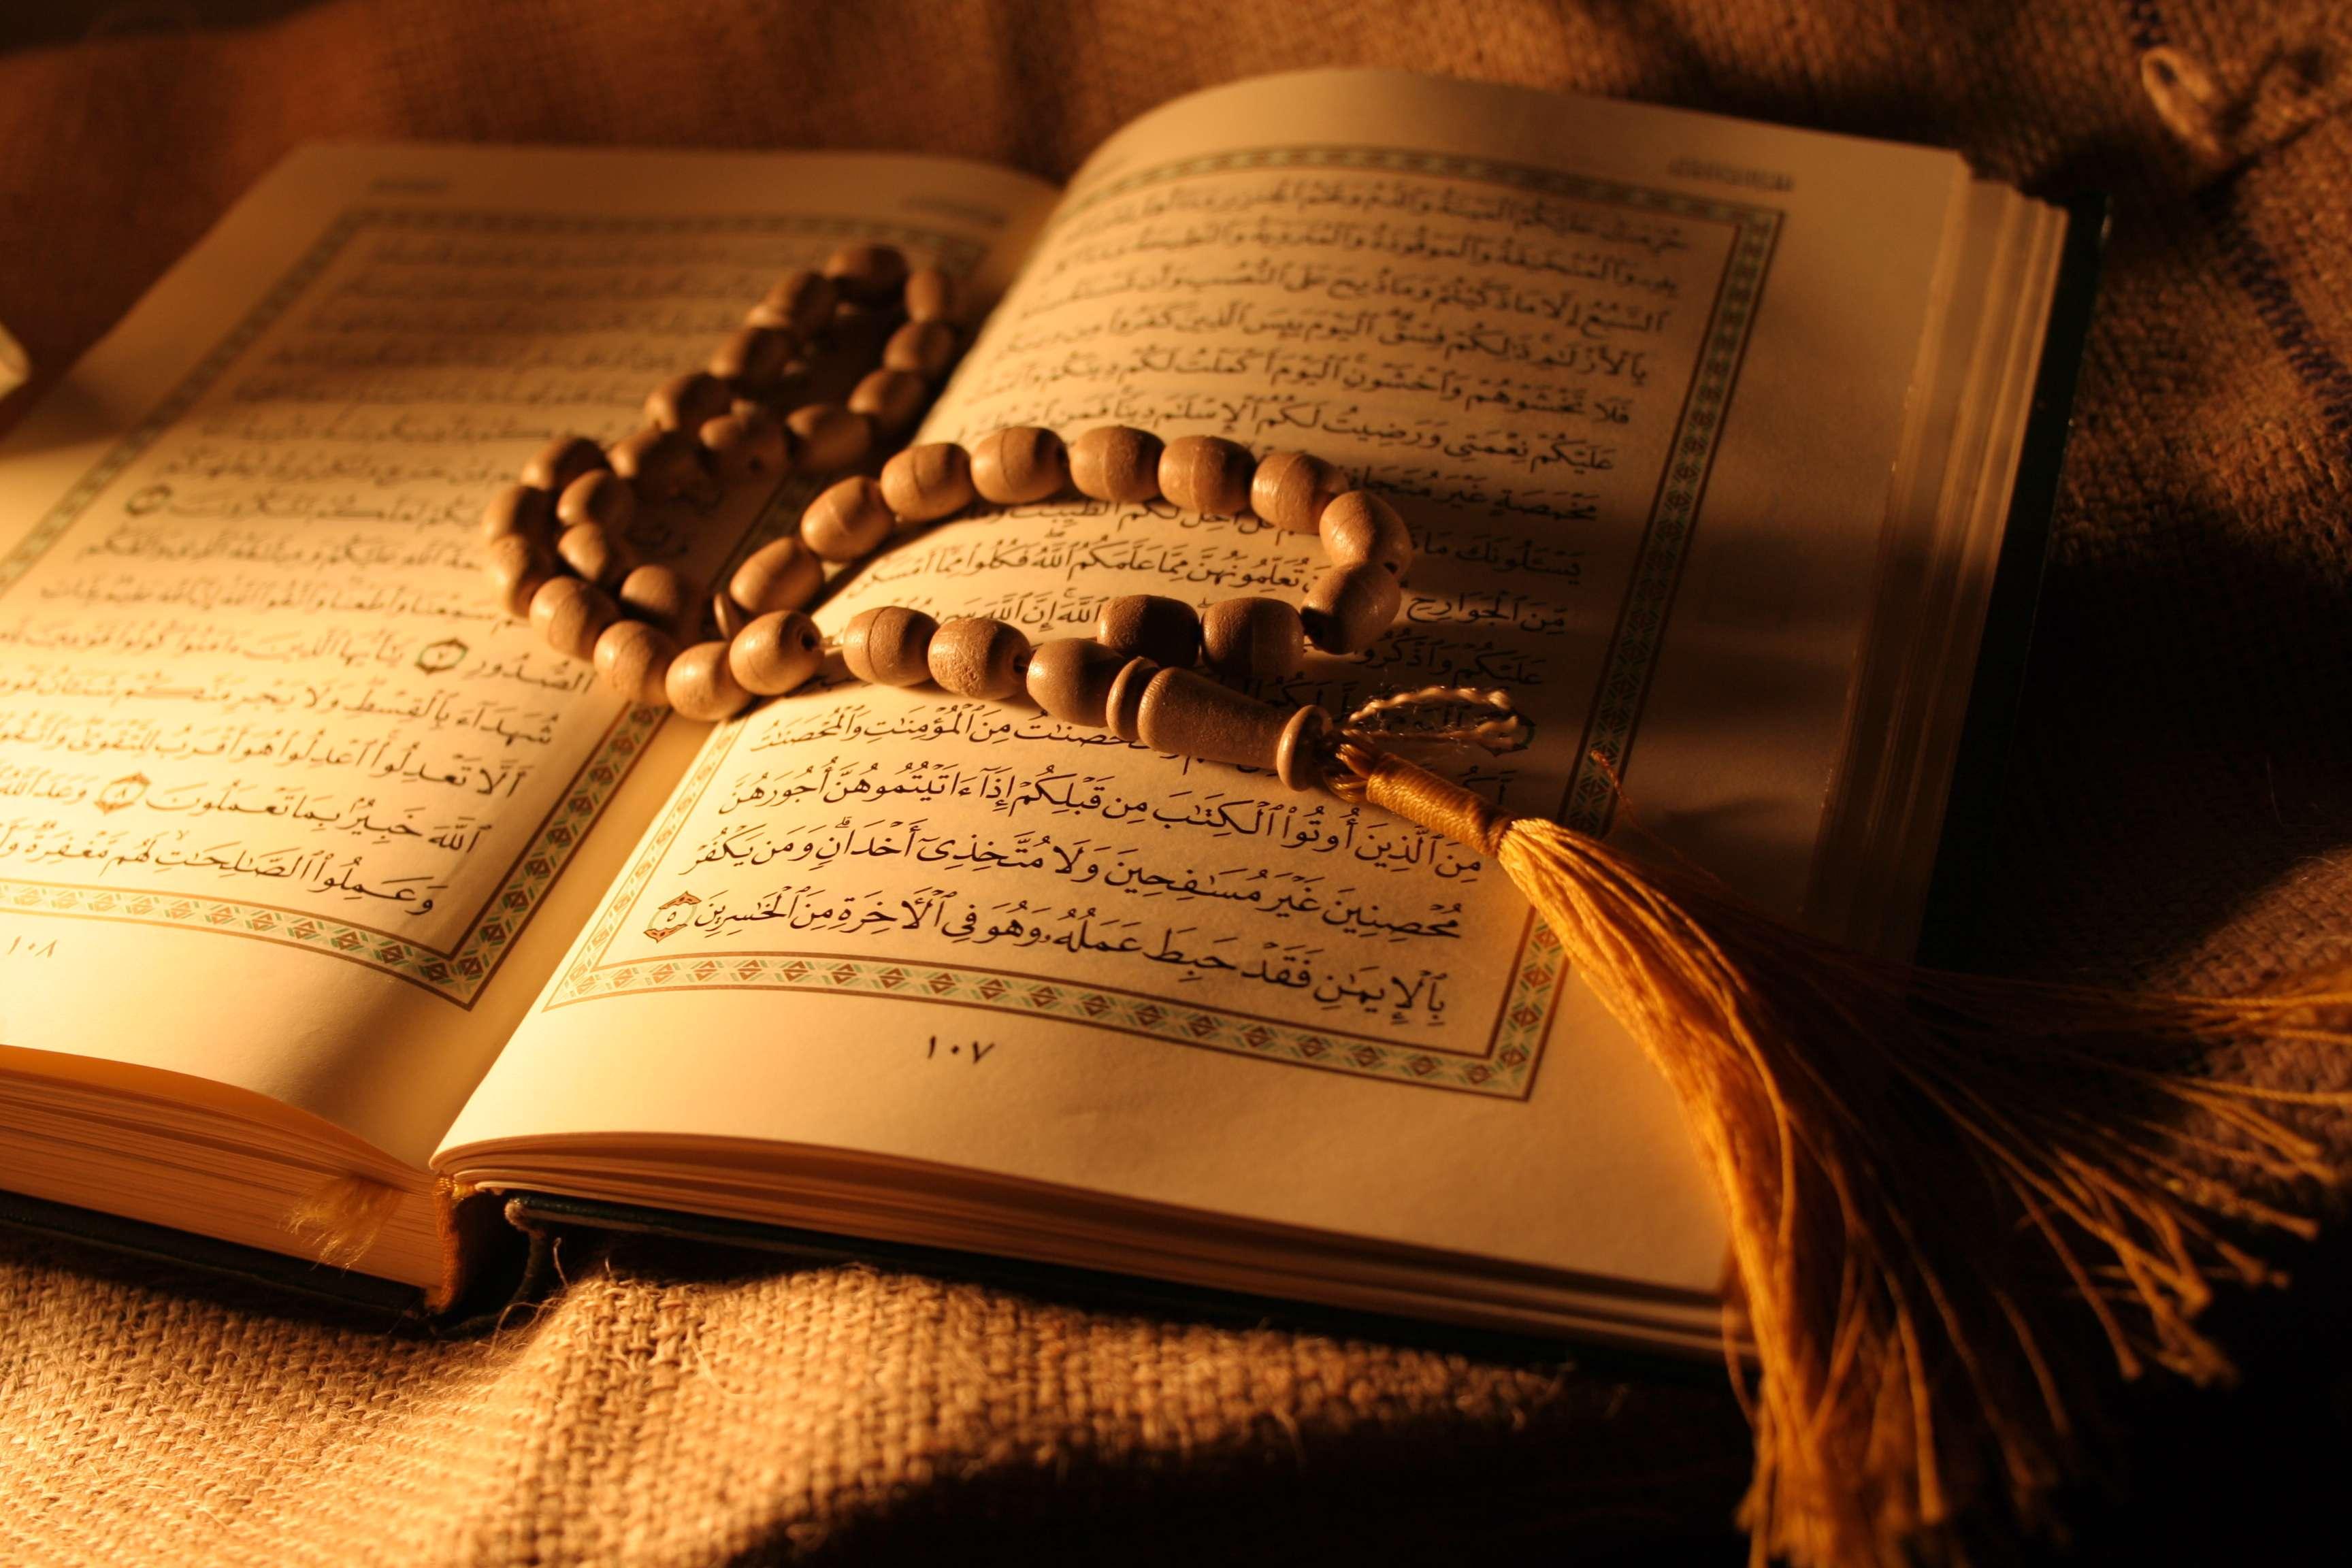 جایگاه حضرت فاطمه و مریم علیهماالسلام در آیات و روایات